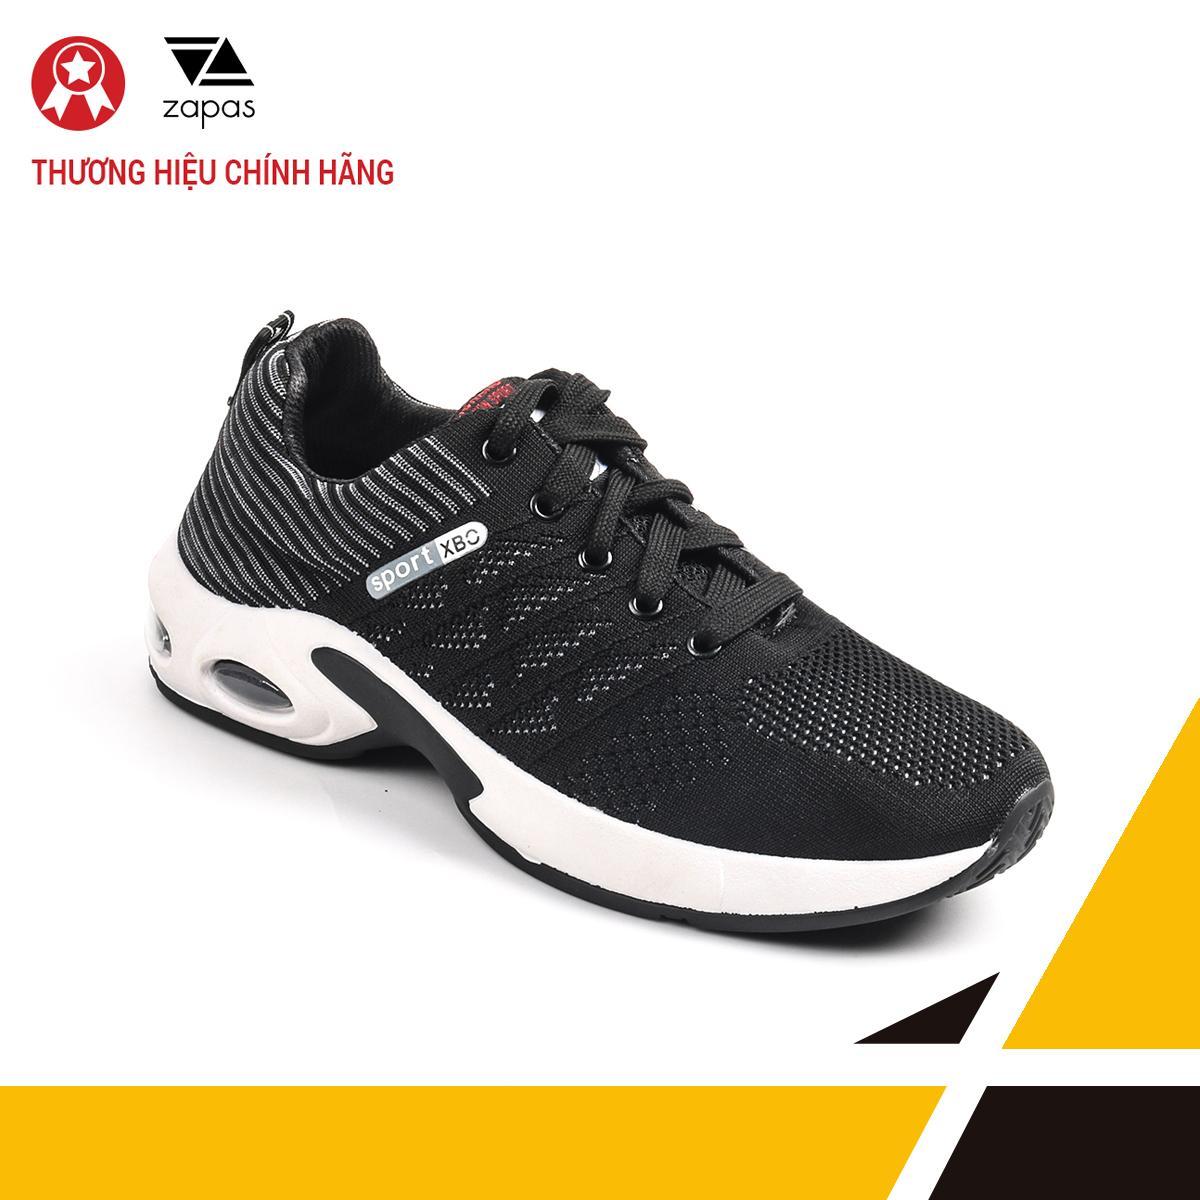 Giày Nam Đẹp Thể Thao Sneaker Thời Trang Zapas - GS102 (Đỏ)